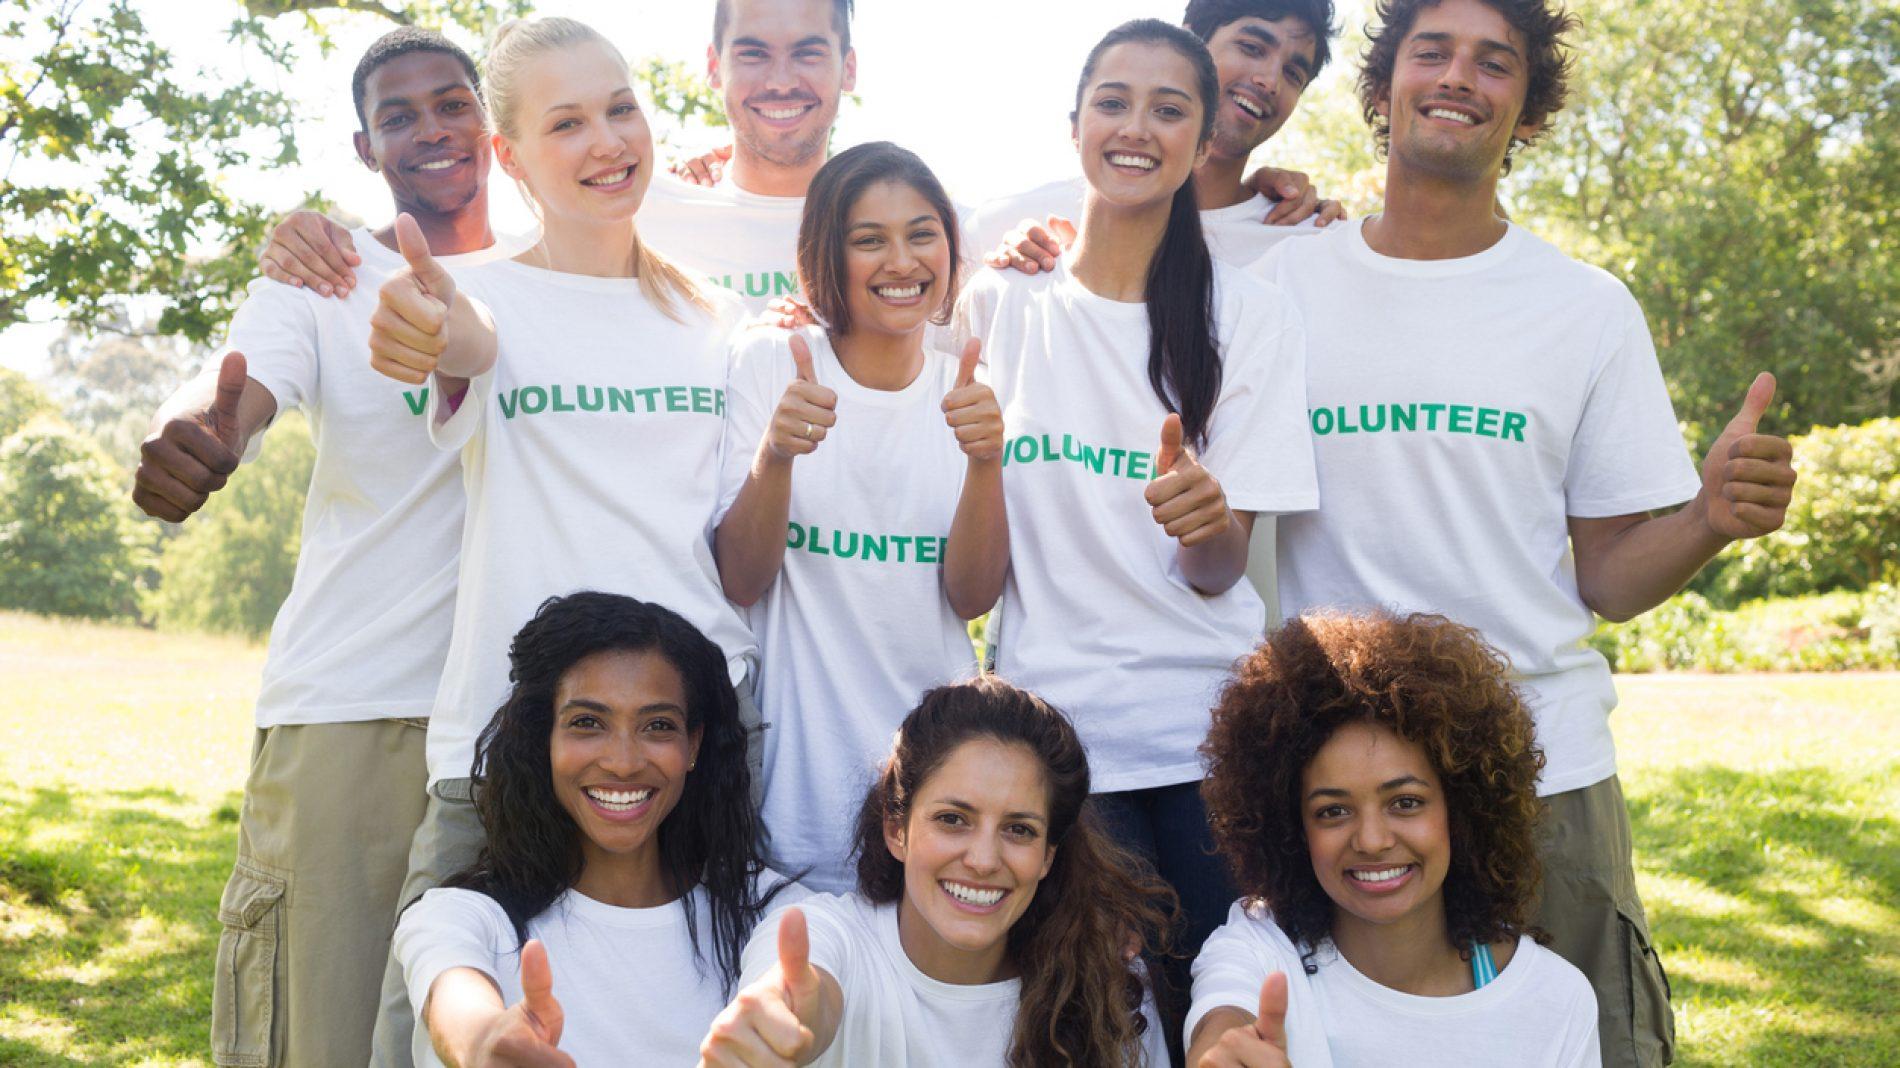 Volunteers gesturing thumbs up